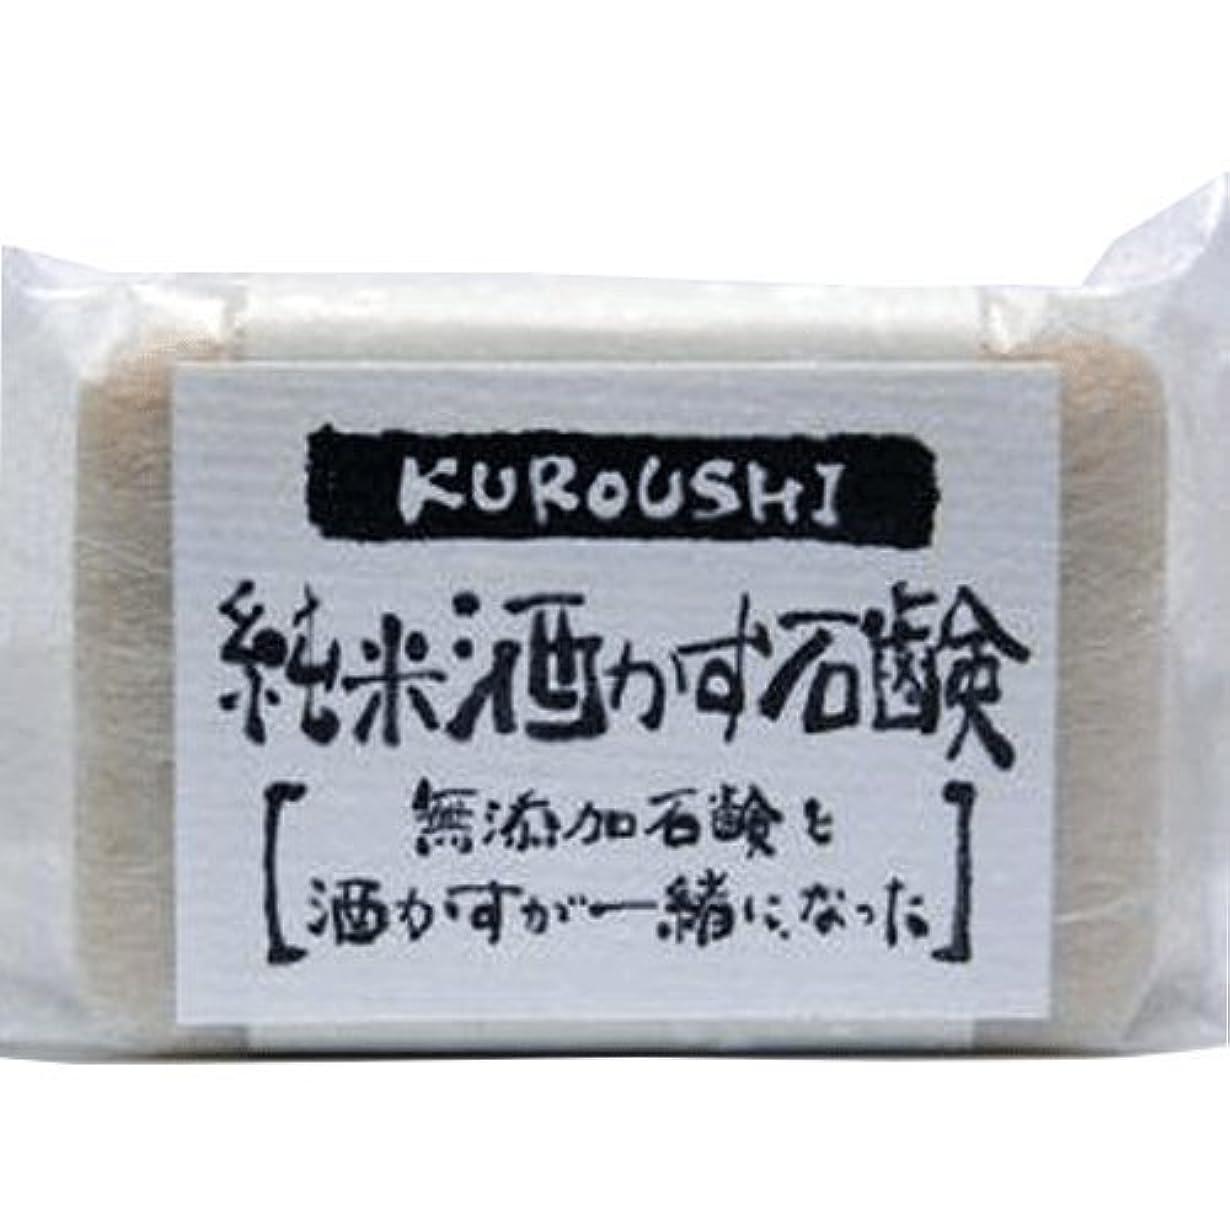 あいにくヘア乗り出すKUROUSHI 純米酒かす 無添加石鹸(せっけん) 120g 6個セット